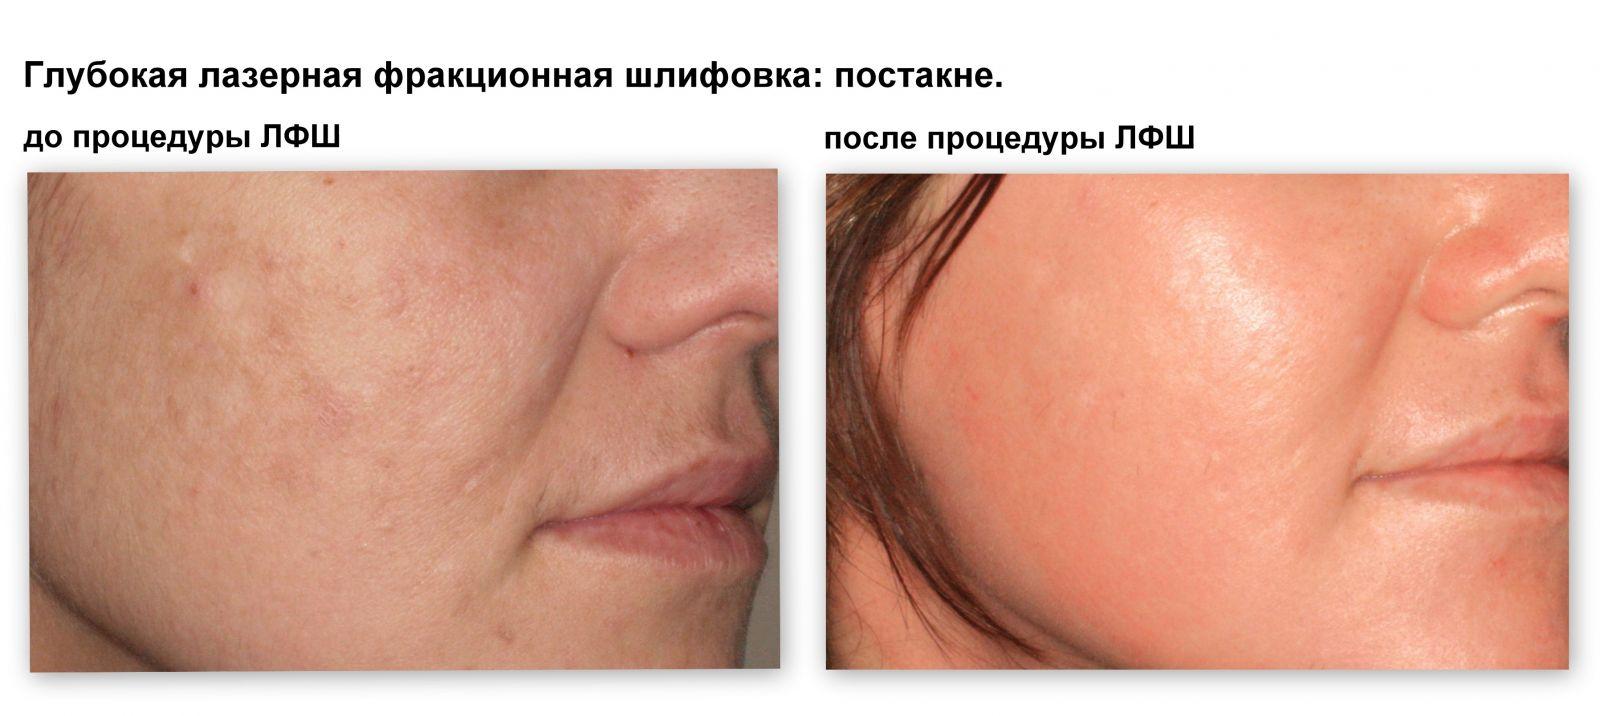 Омоложение кожи: лазерная фракционная шлифовка - фото №2